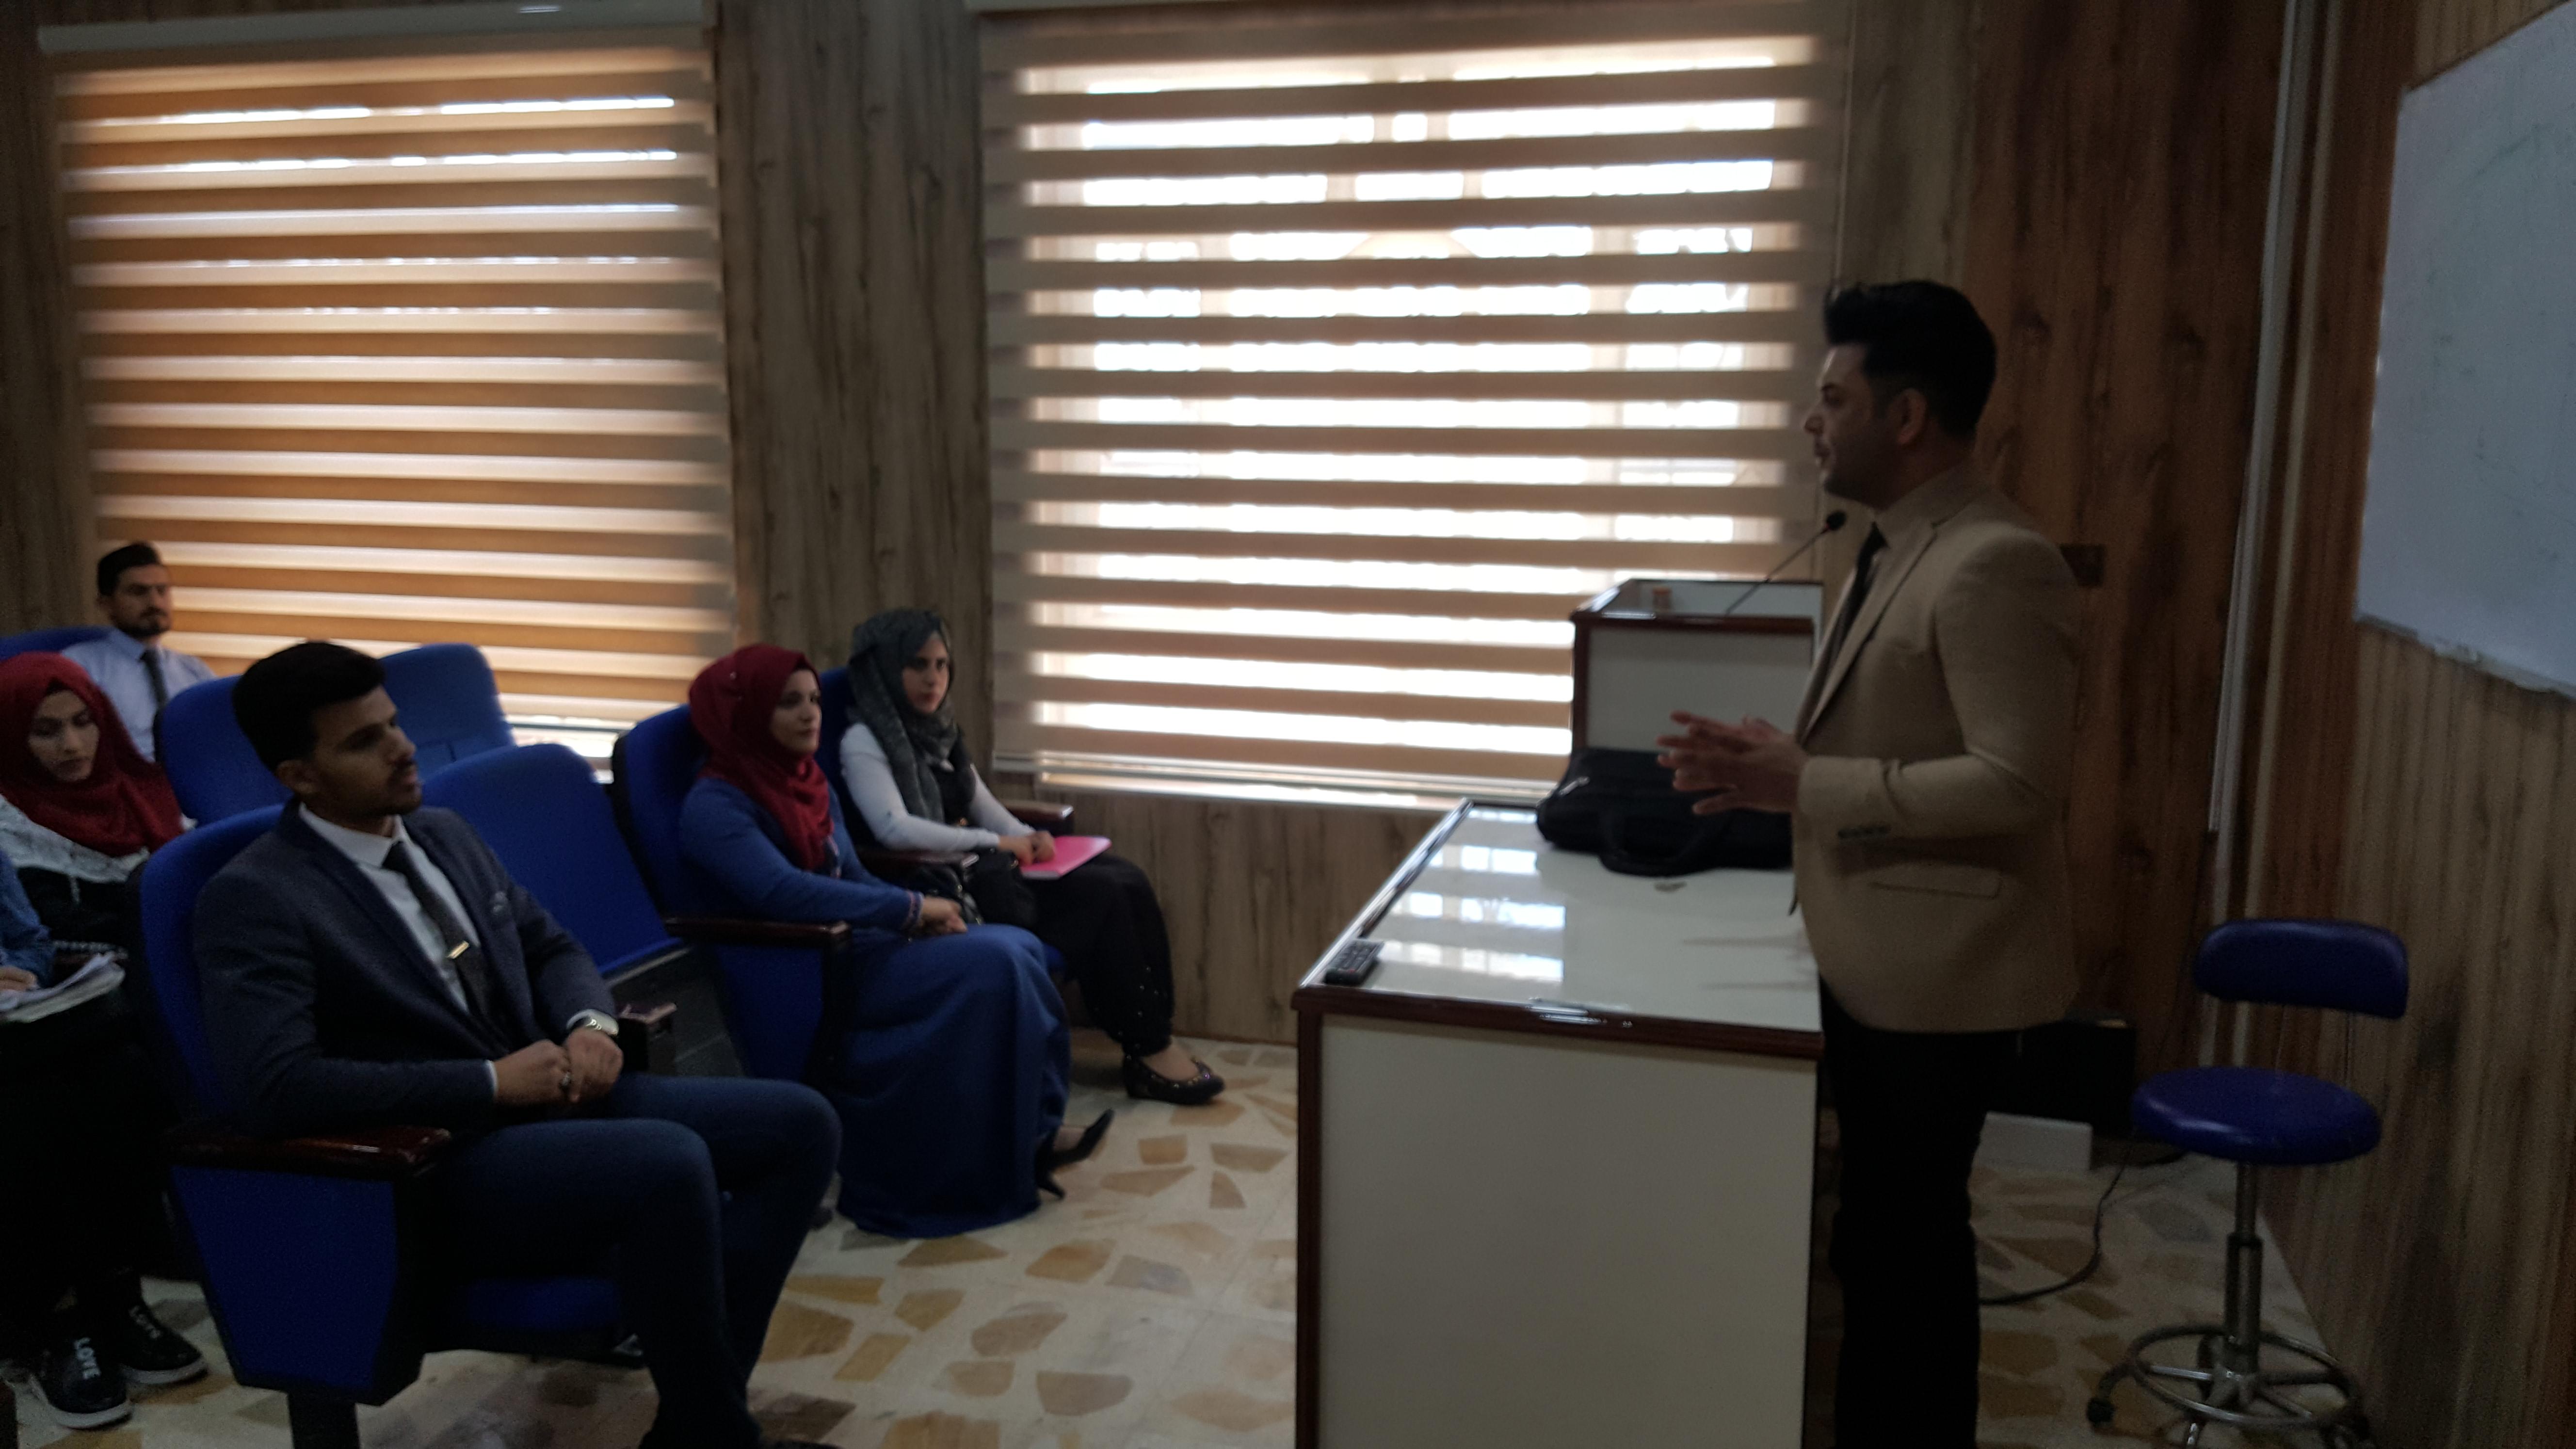 كلية العلوم في جامعة القادسية تقيم دورة حول الاسعافات الاولية